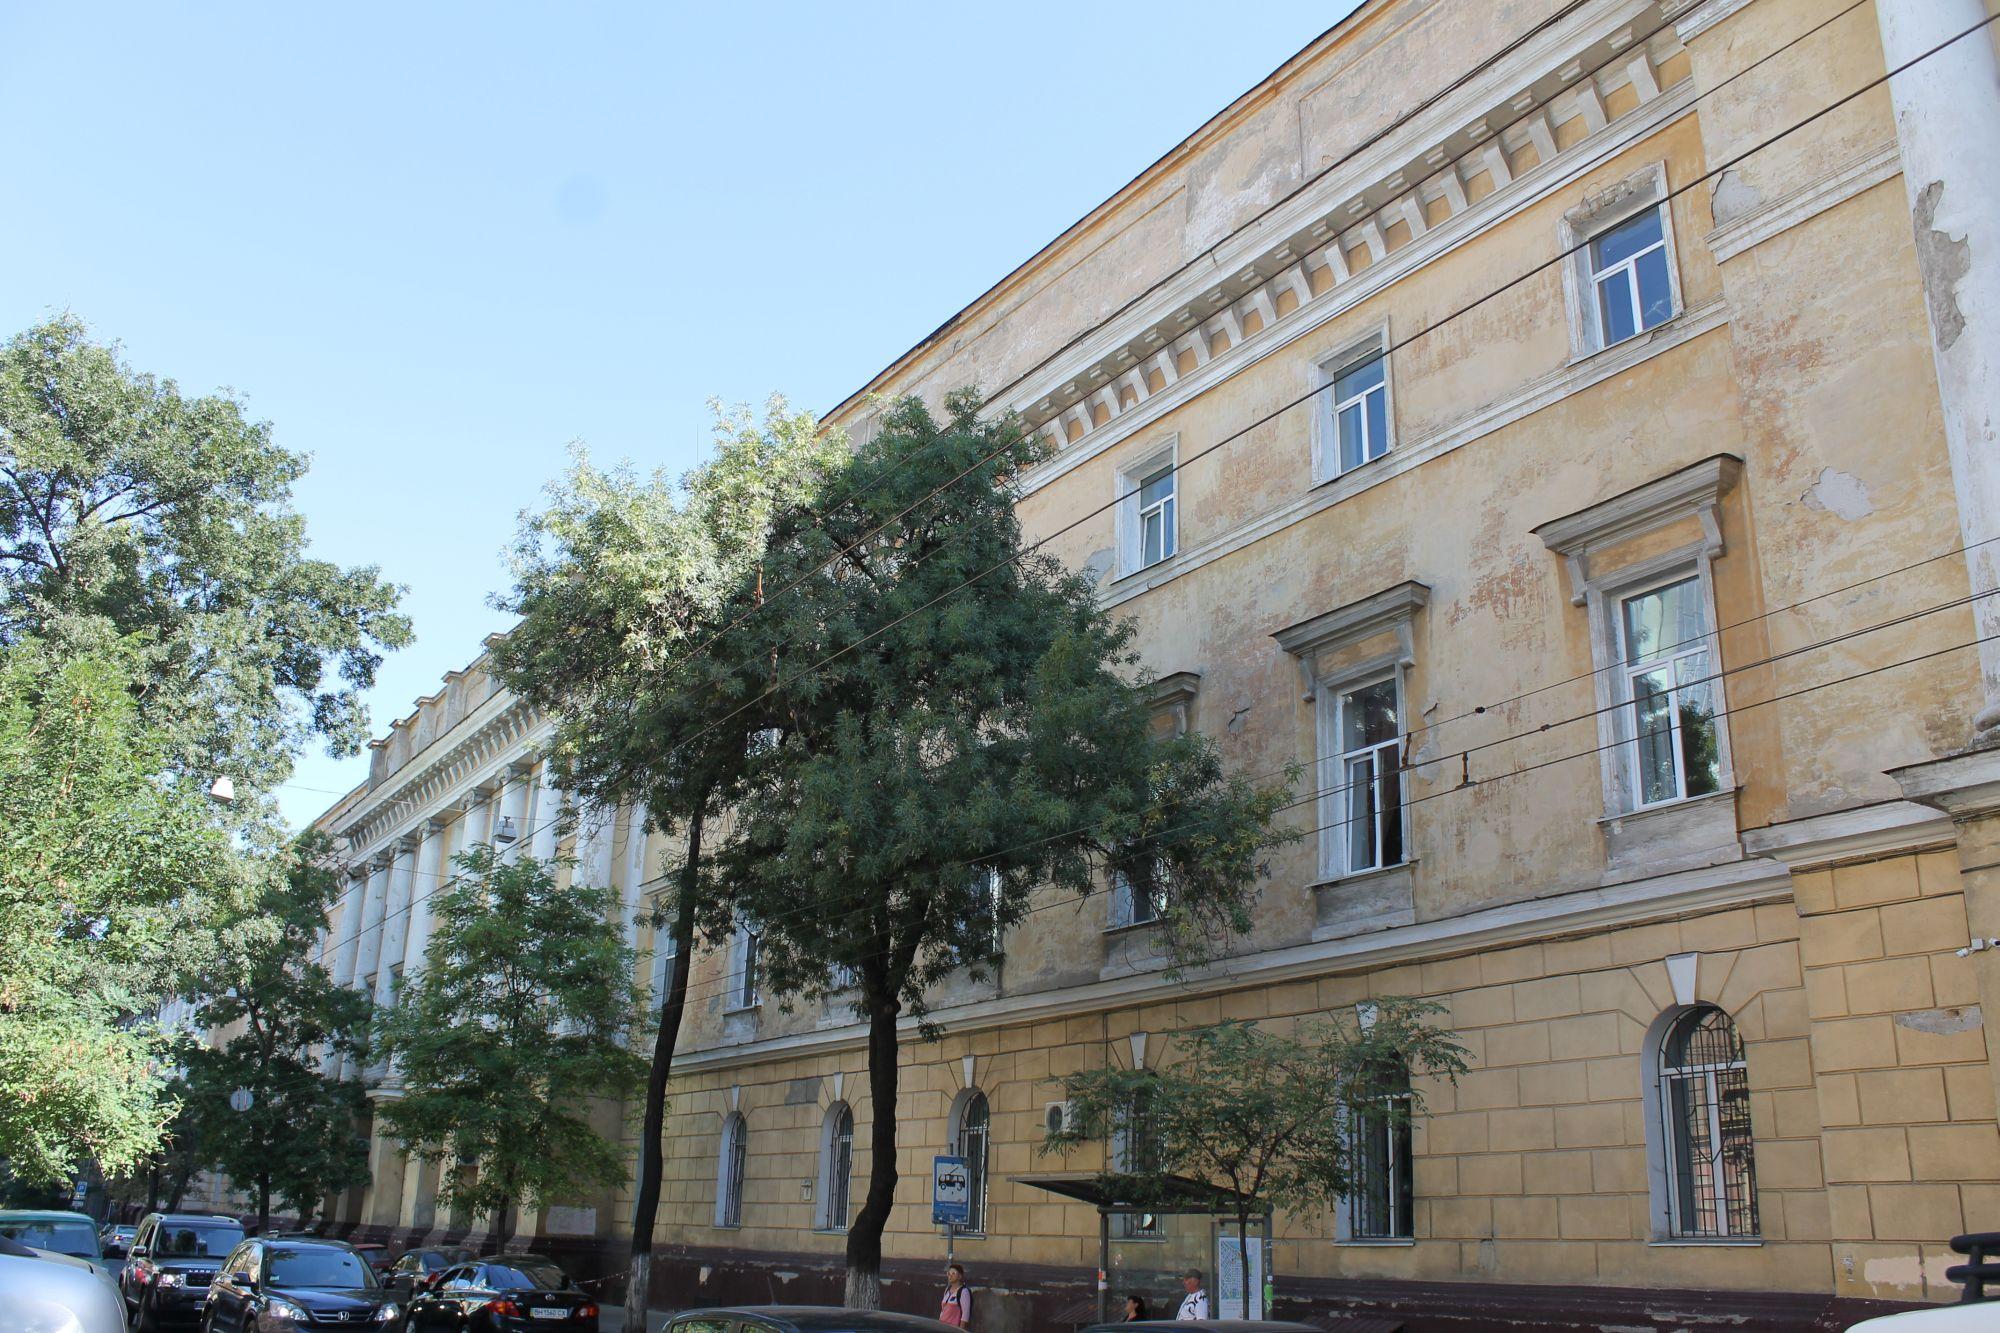 Ulica Sobanskiego w Odessie 2